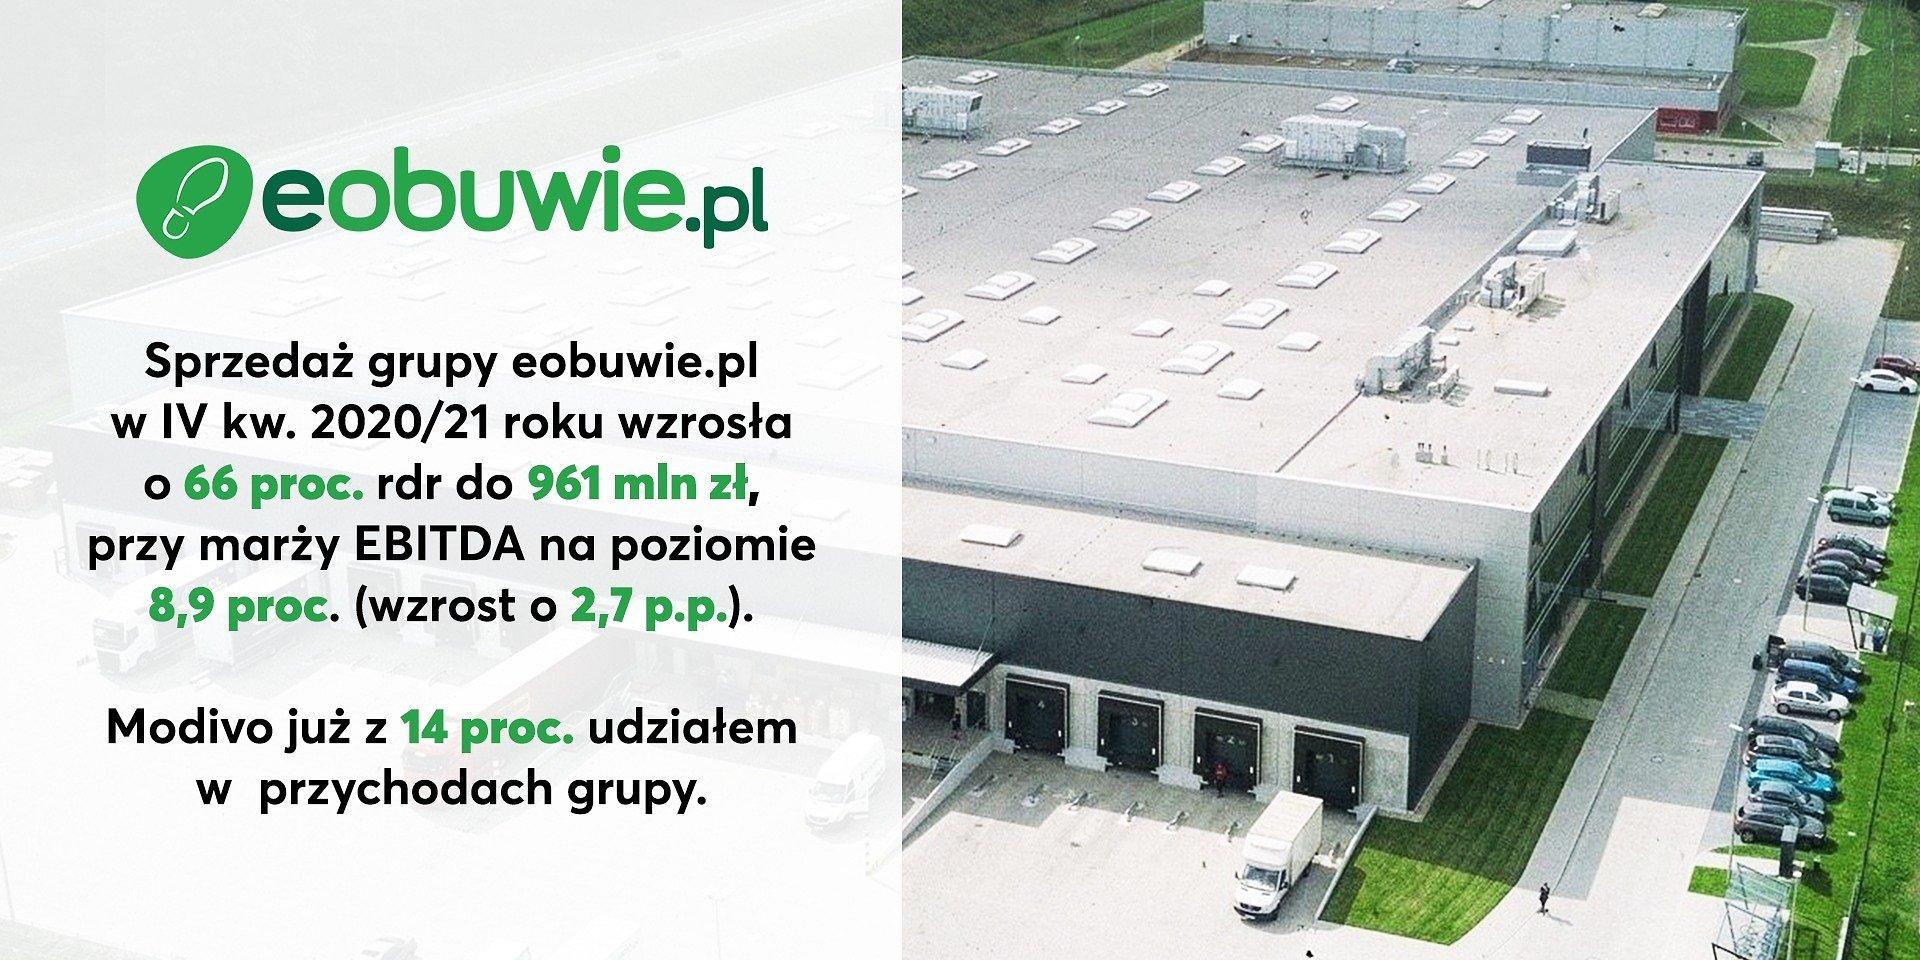 Prawie miliard zł przychodu dla eobuwie.pl w Q4 2020/21!